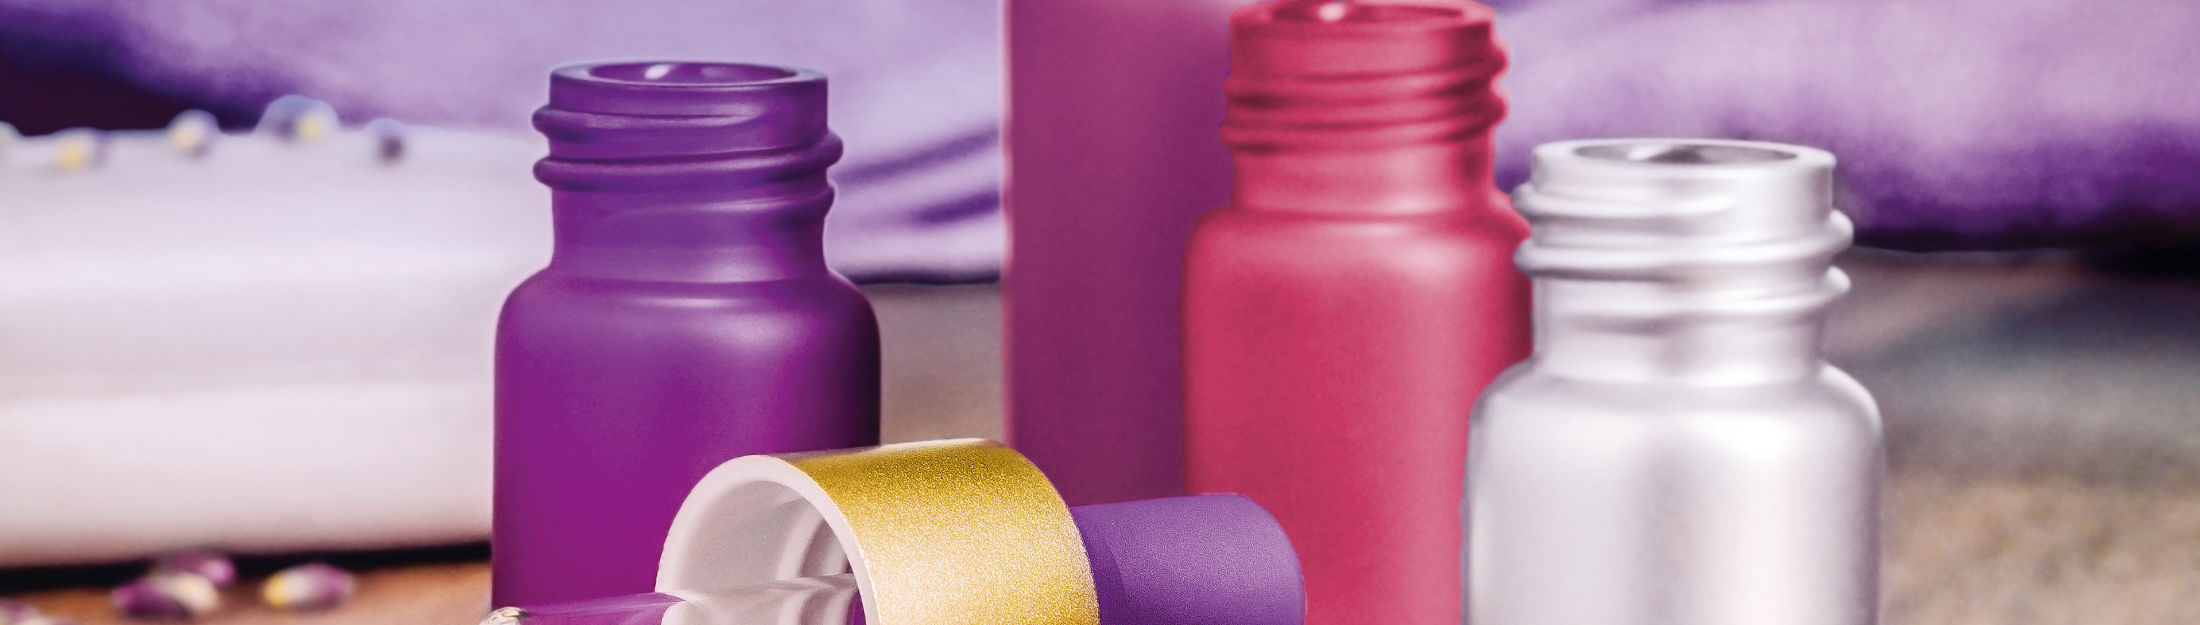 Flacons cosmétiques en verre